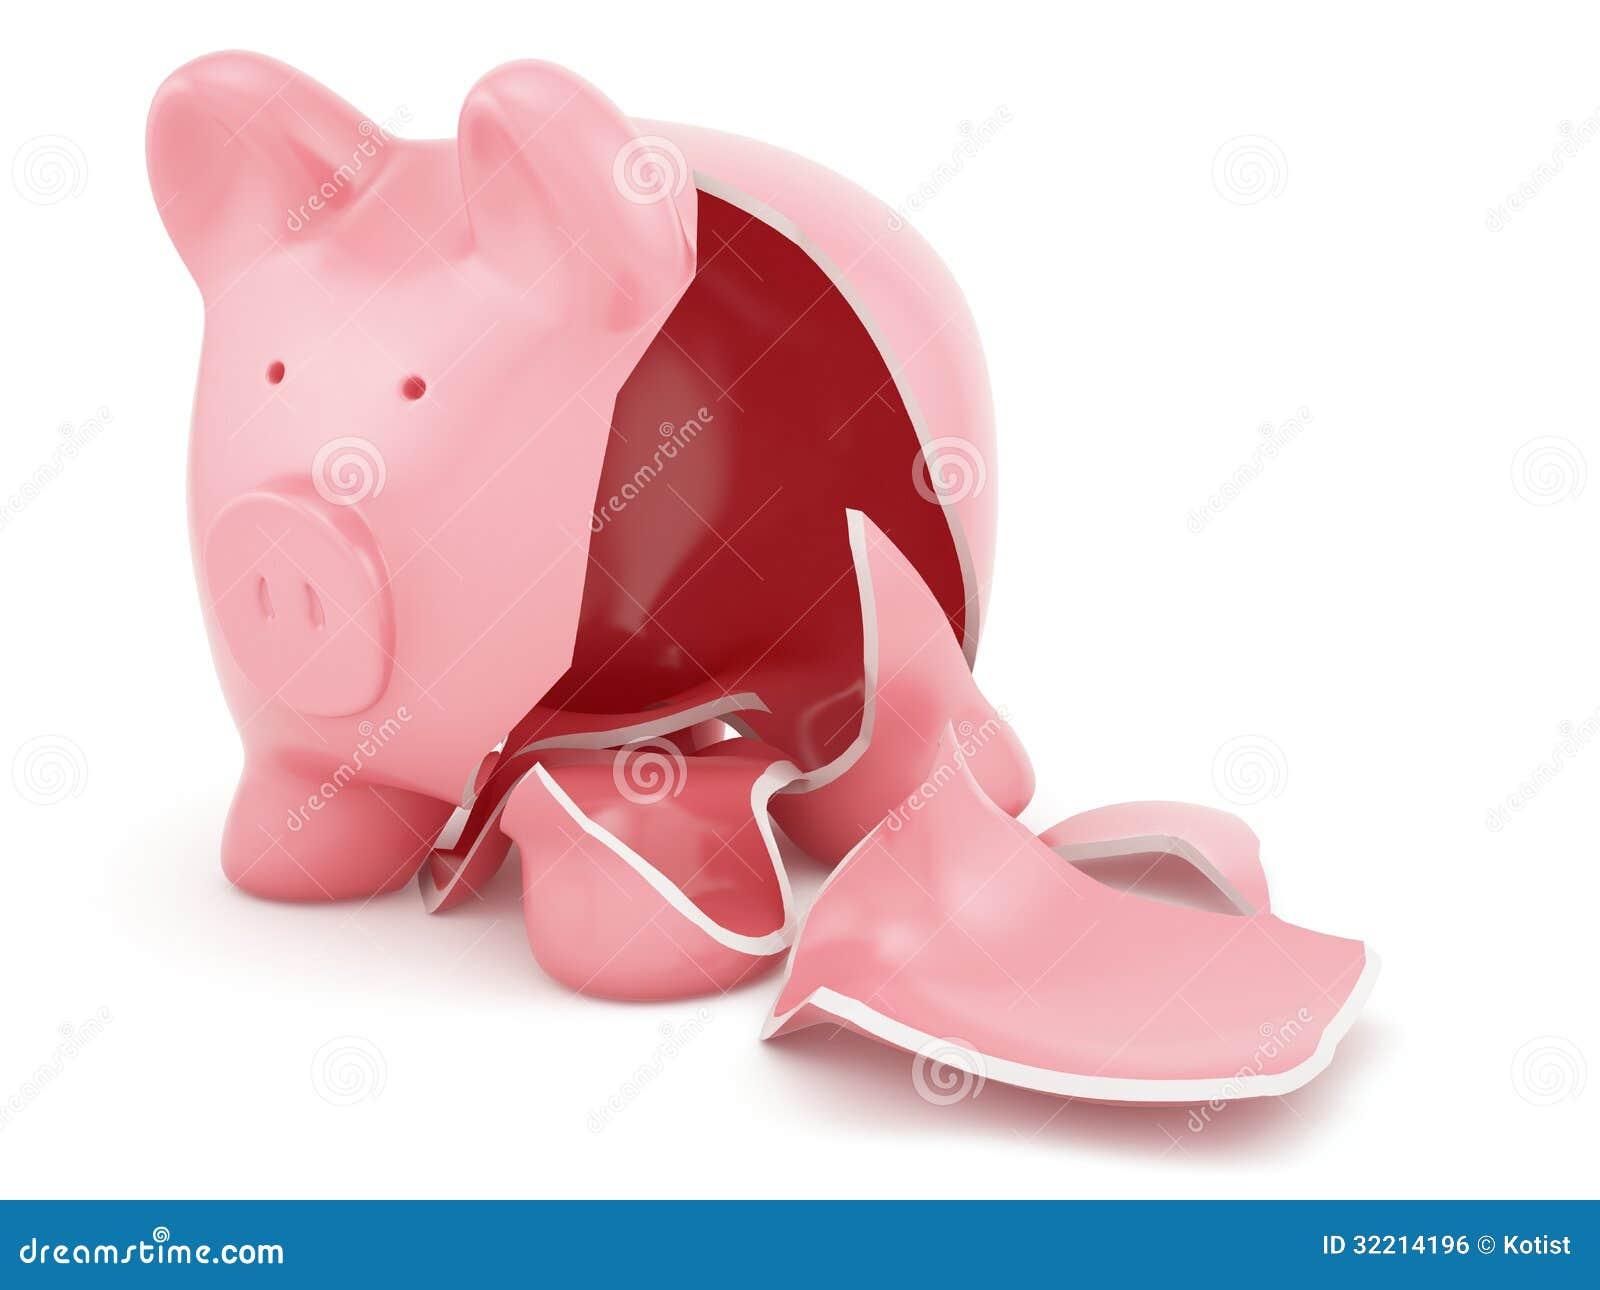 Empty broken piggy bank